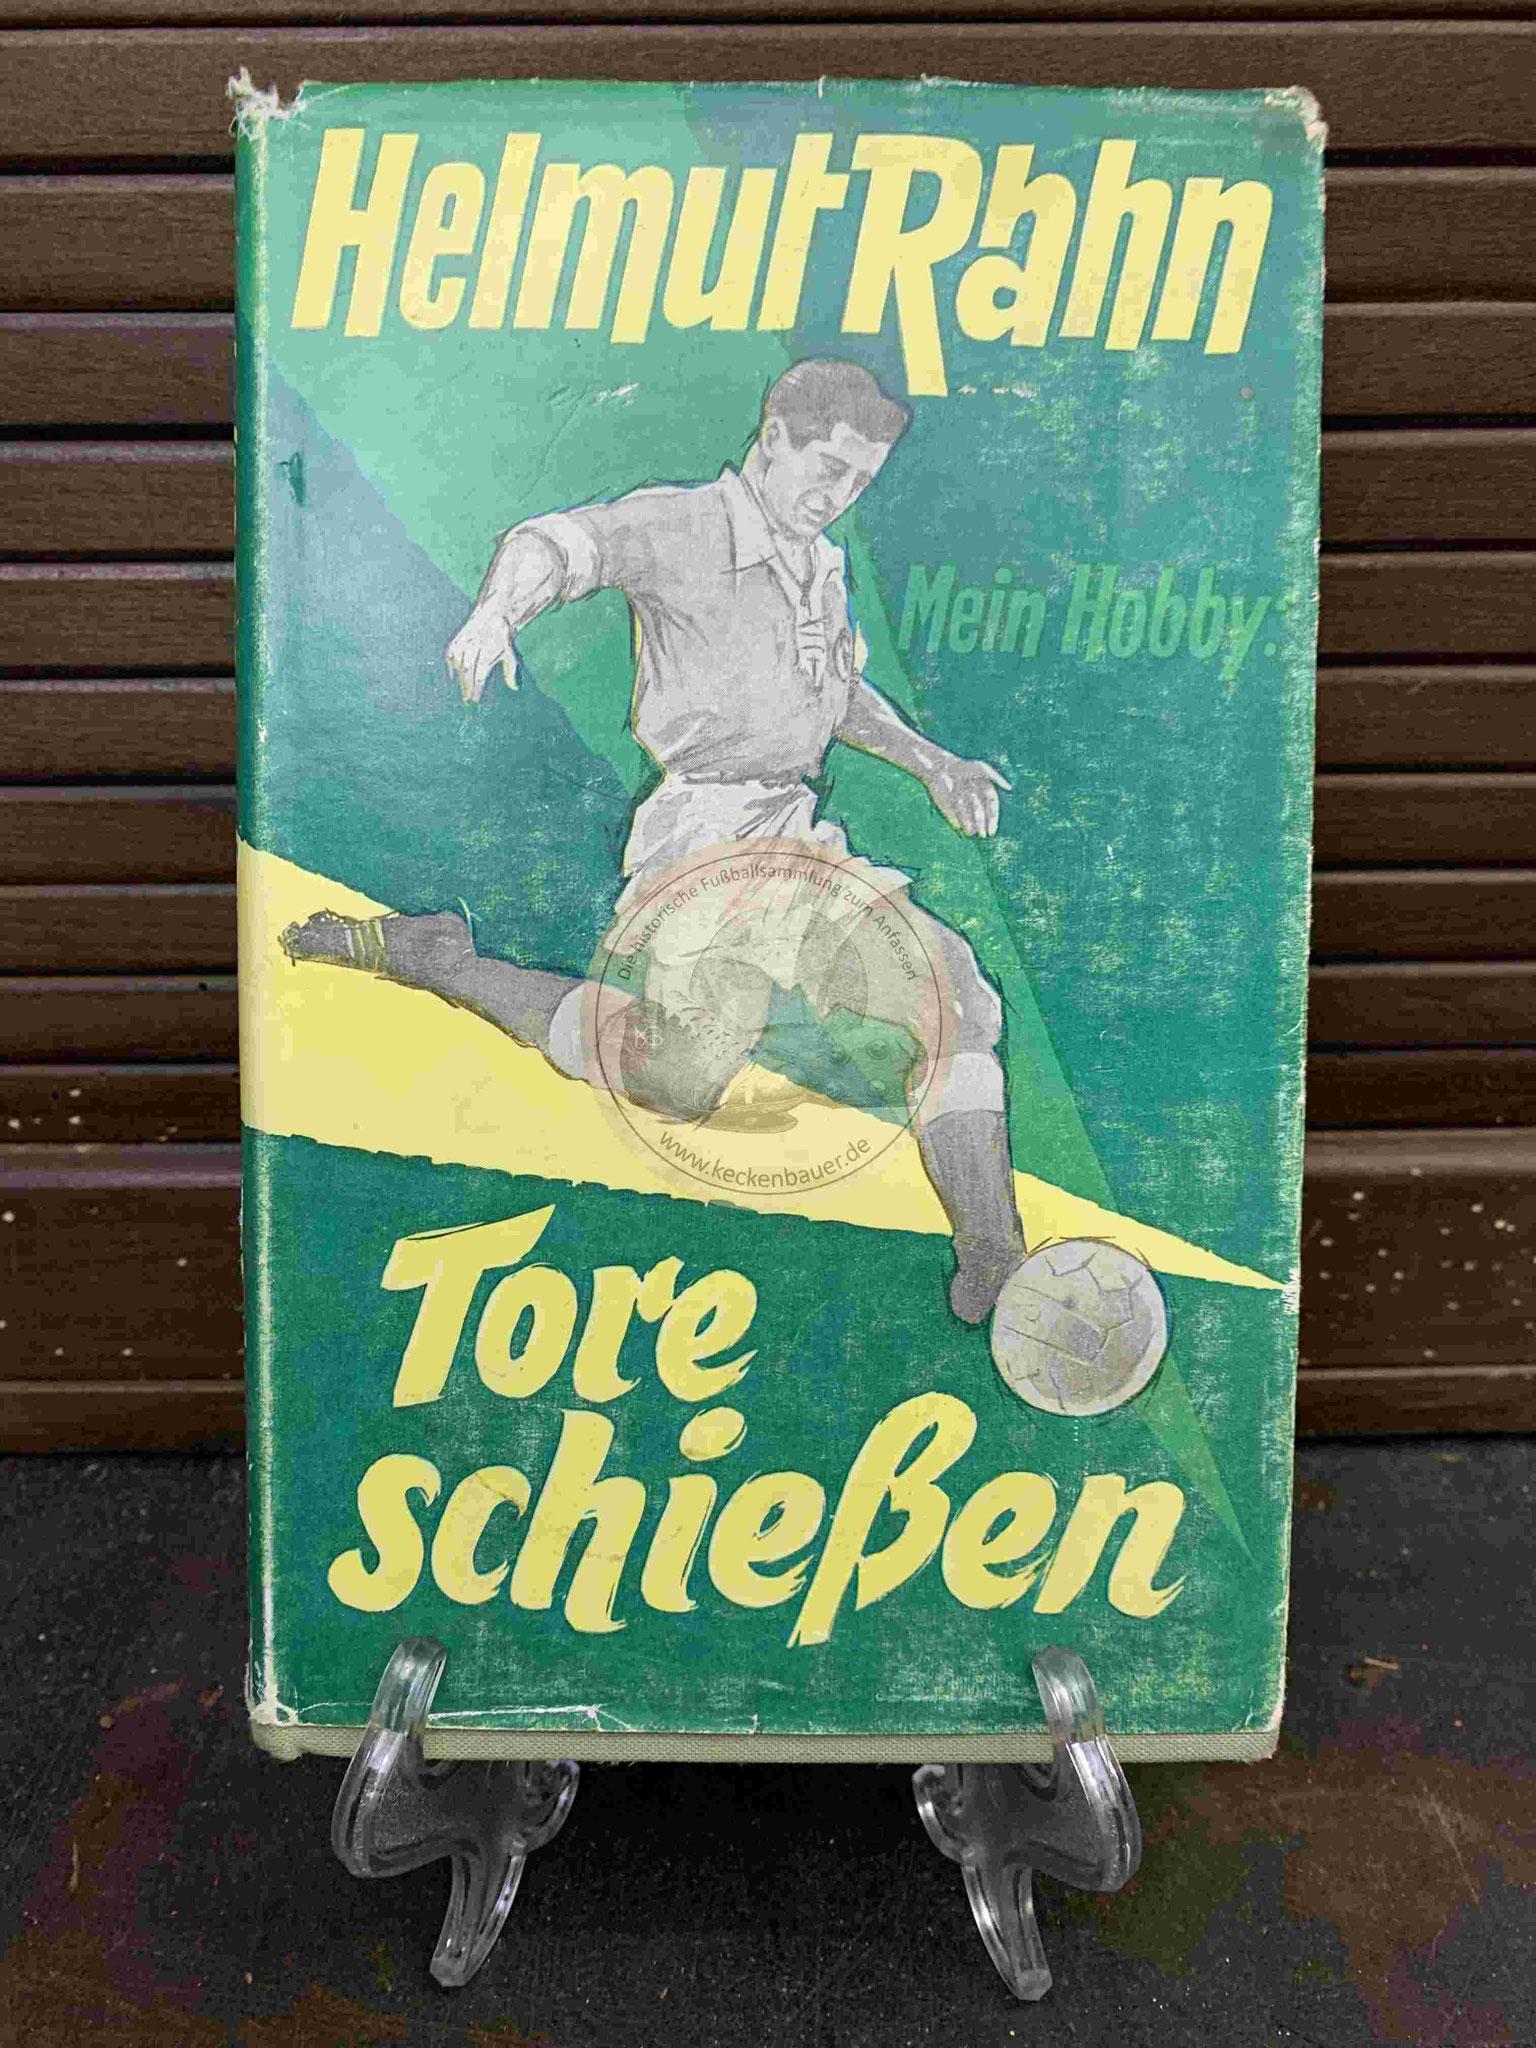 Helmut Rahn Mein Hobby Tore schießen aus dem Jahr 1959